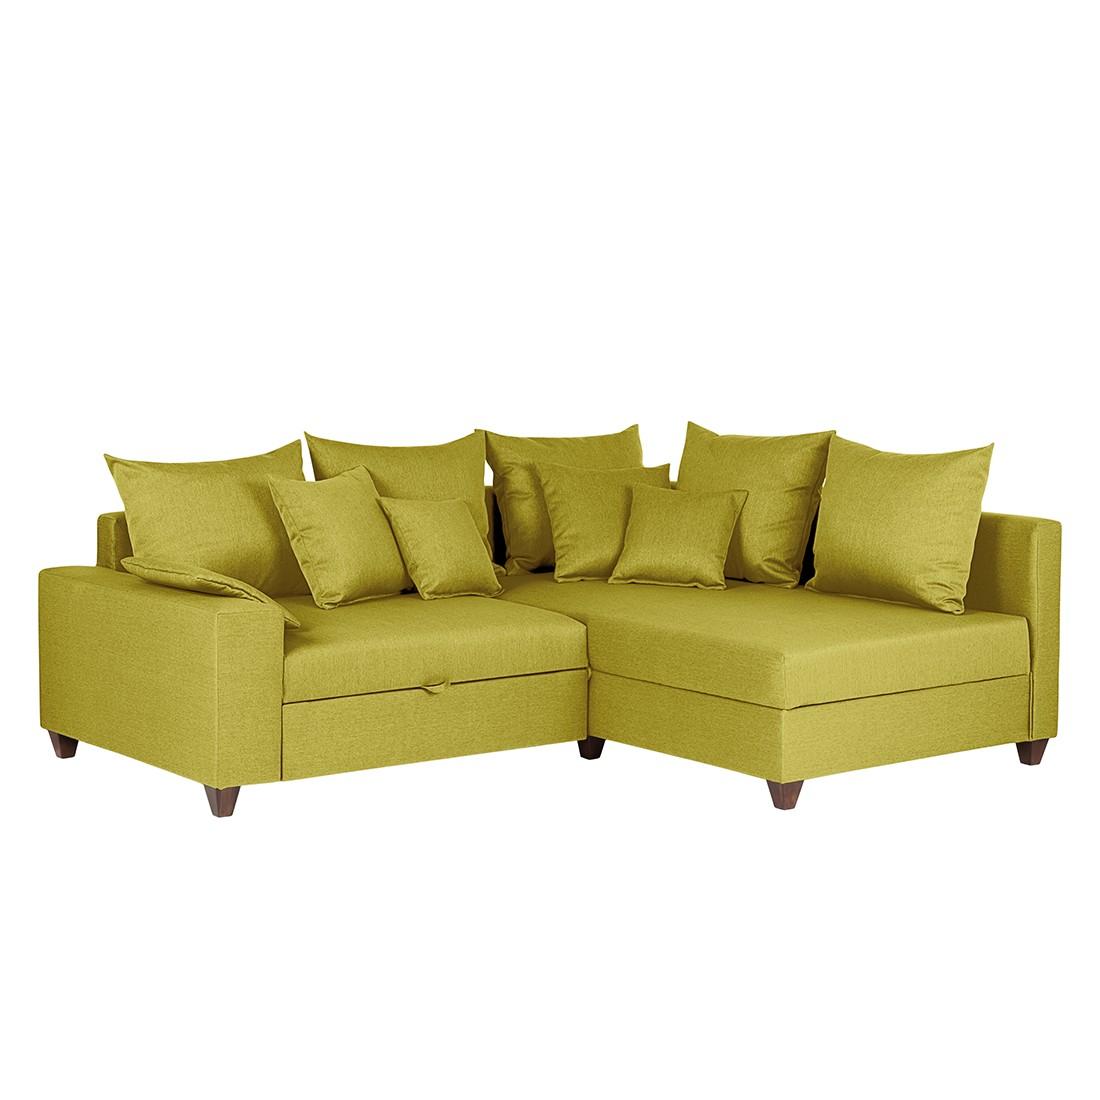 ottomane polsterecke rechts preise vergleichen bei. Black Bedroom Furniture Sets. Home Design Ideas